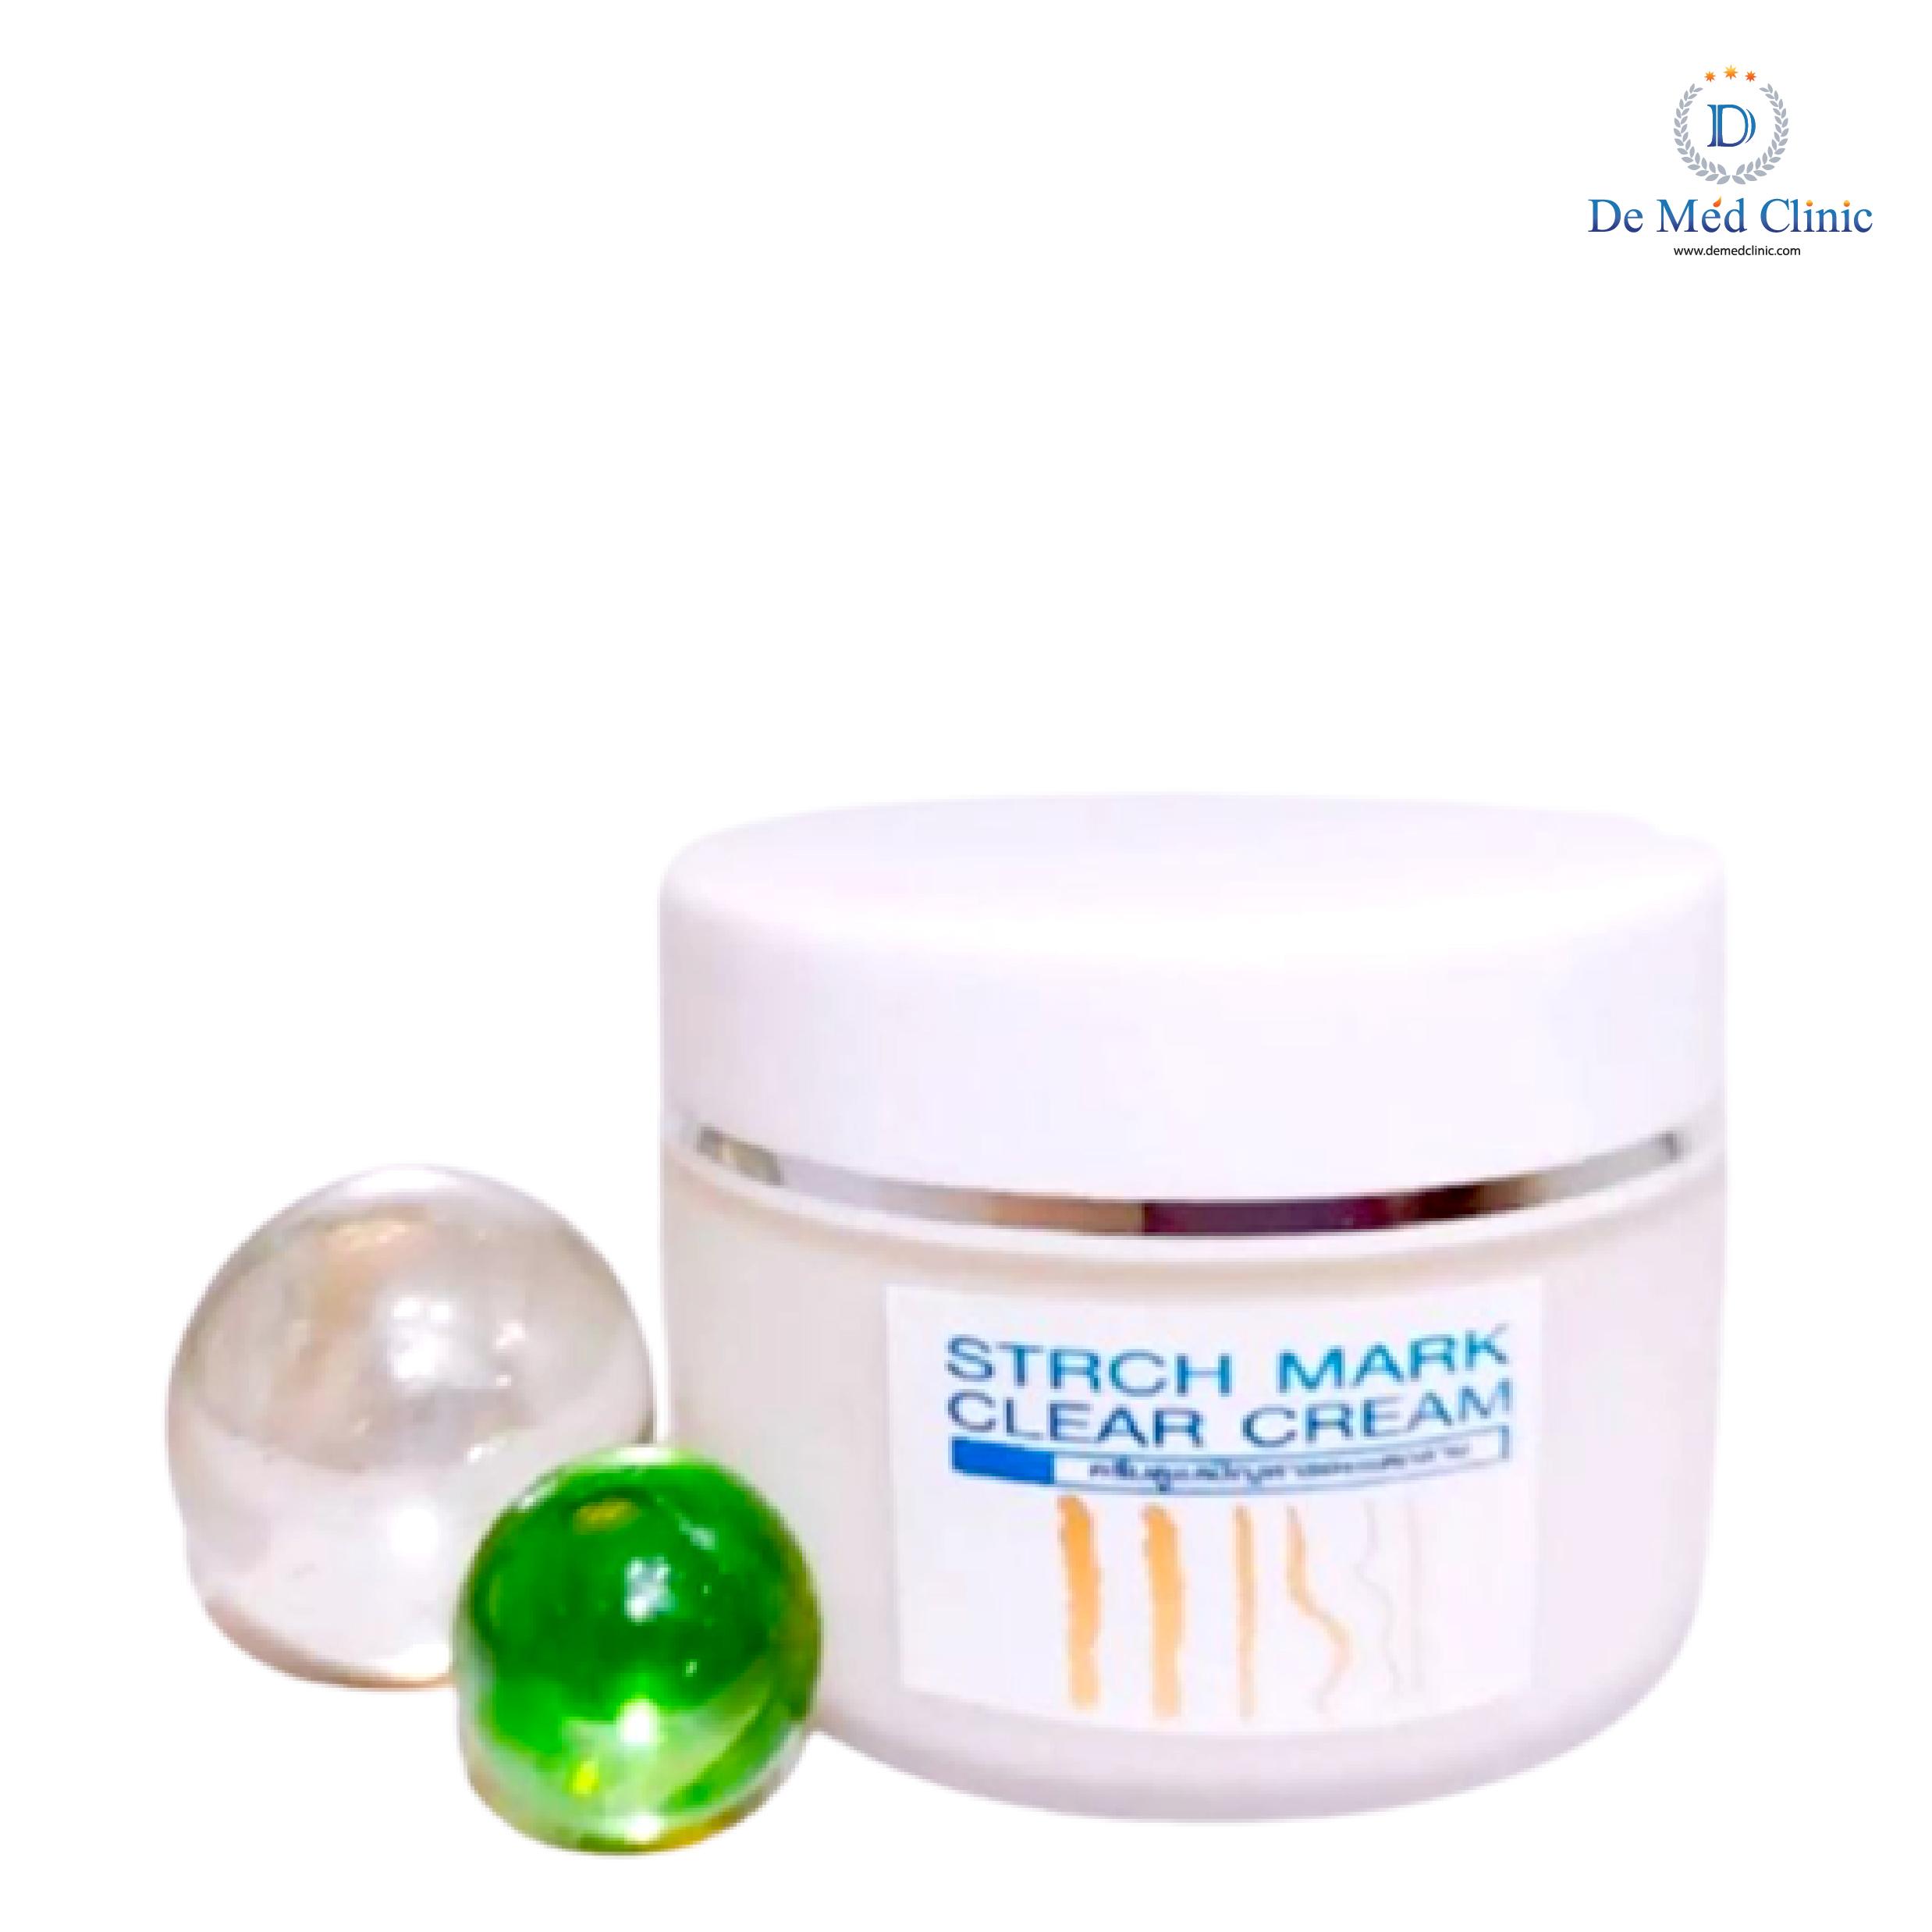 STRETCH MARK Clear CREAM 30 g ครีมบำรุงผิว ลดรอยแตกลายสูตรเข้มข้นพิเศษDeMed Clinic